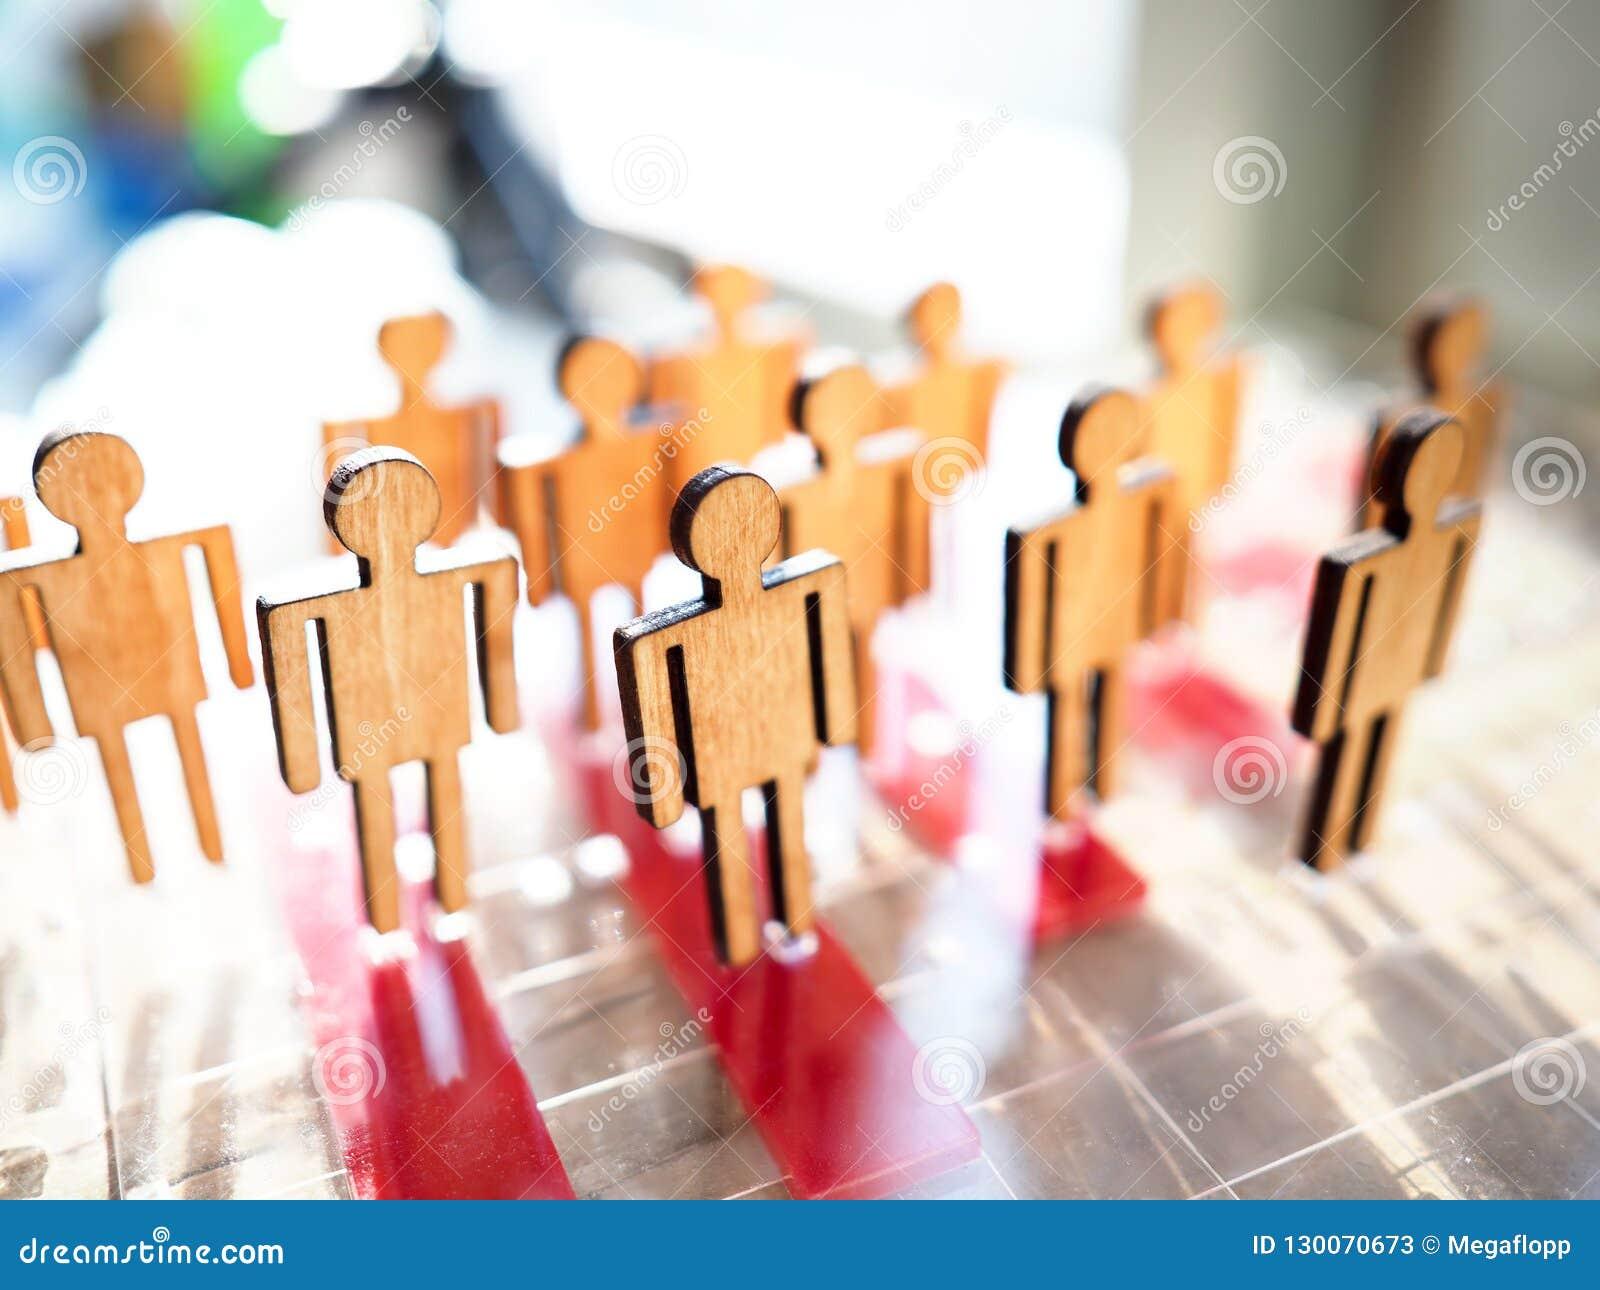 Poco las figuras de madera de la gente del juguete se coloca en fila